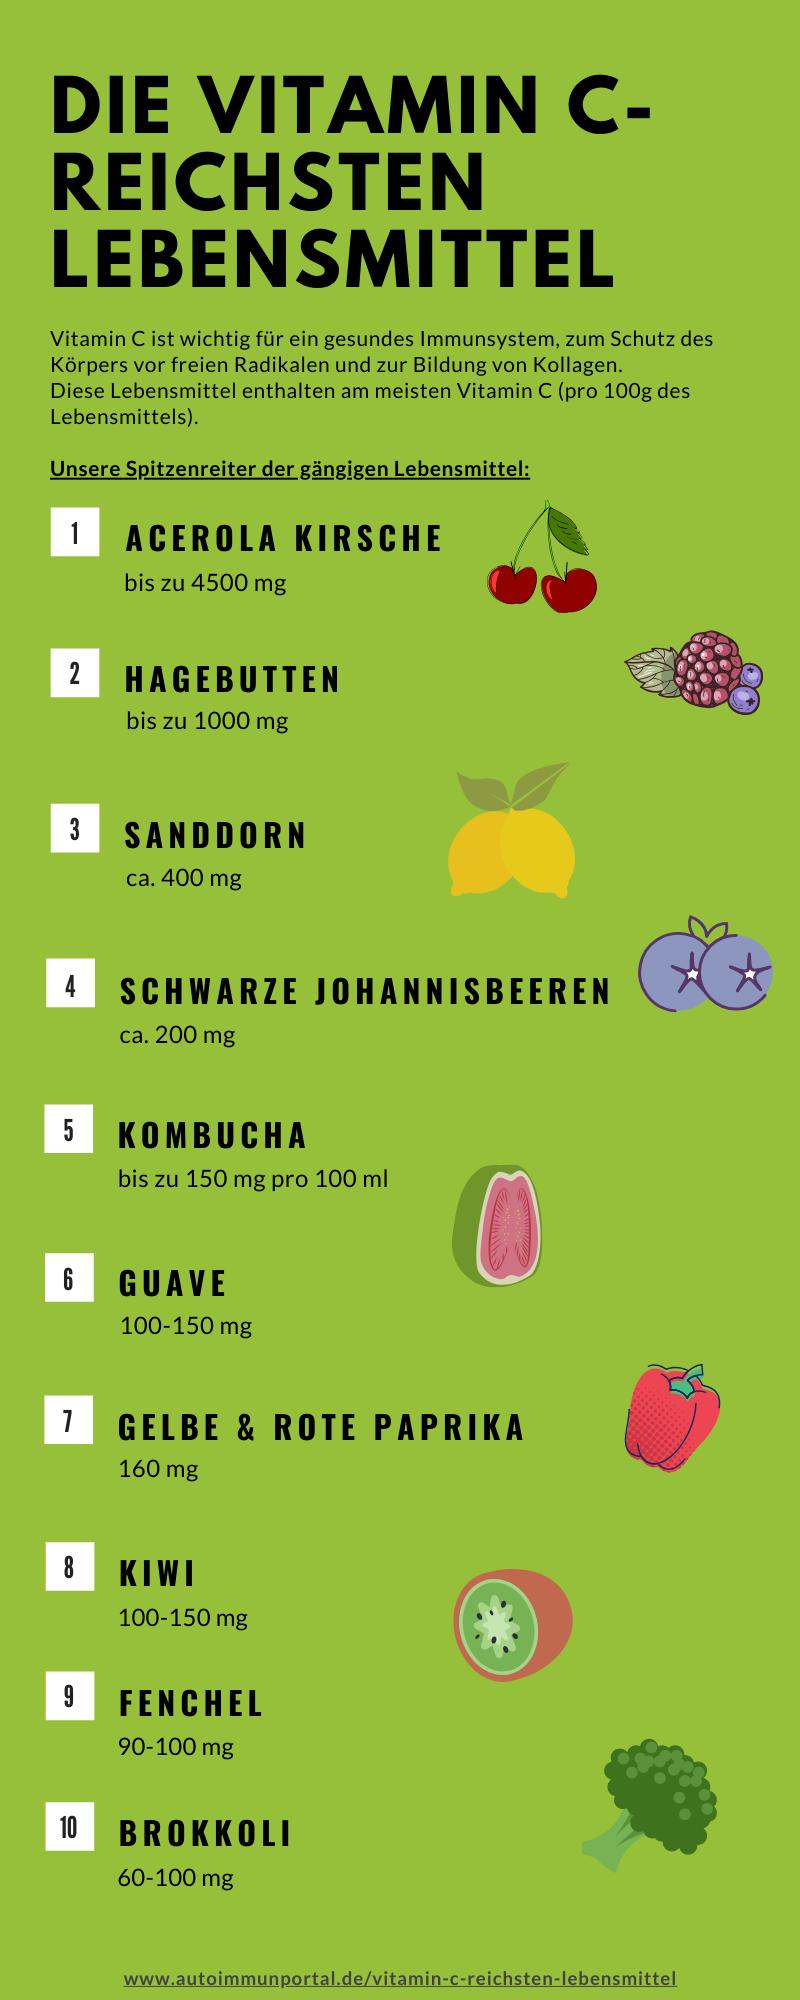 Vitamin C reiche Lebensmittel